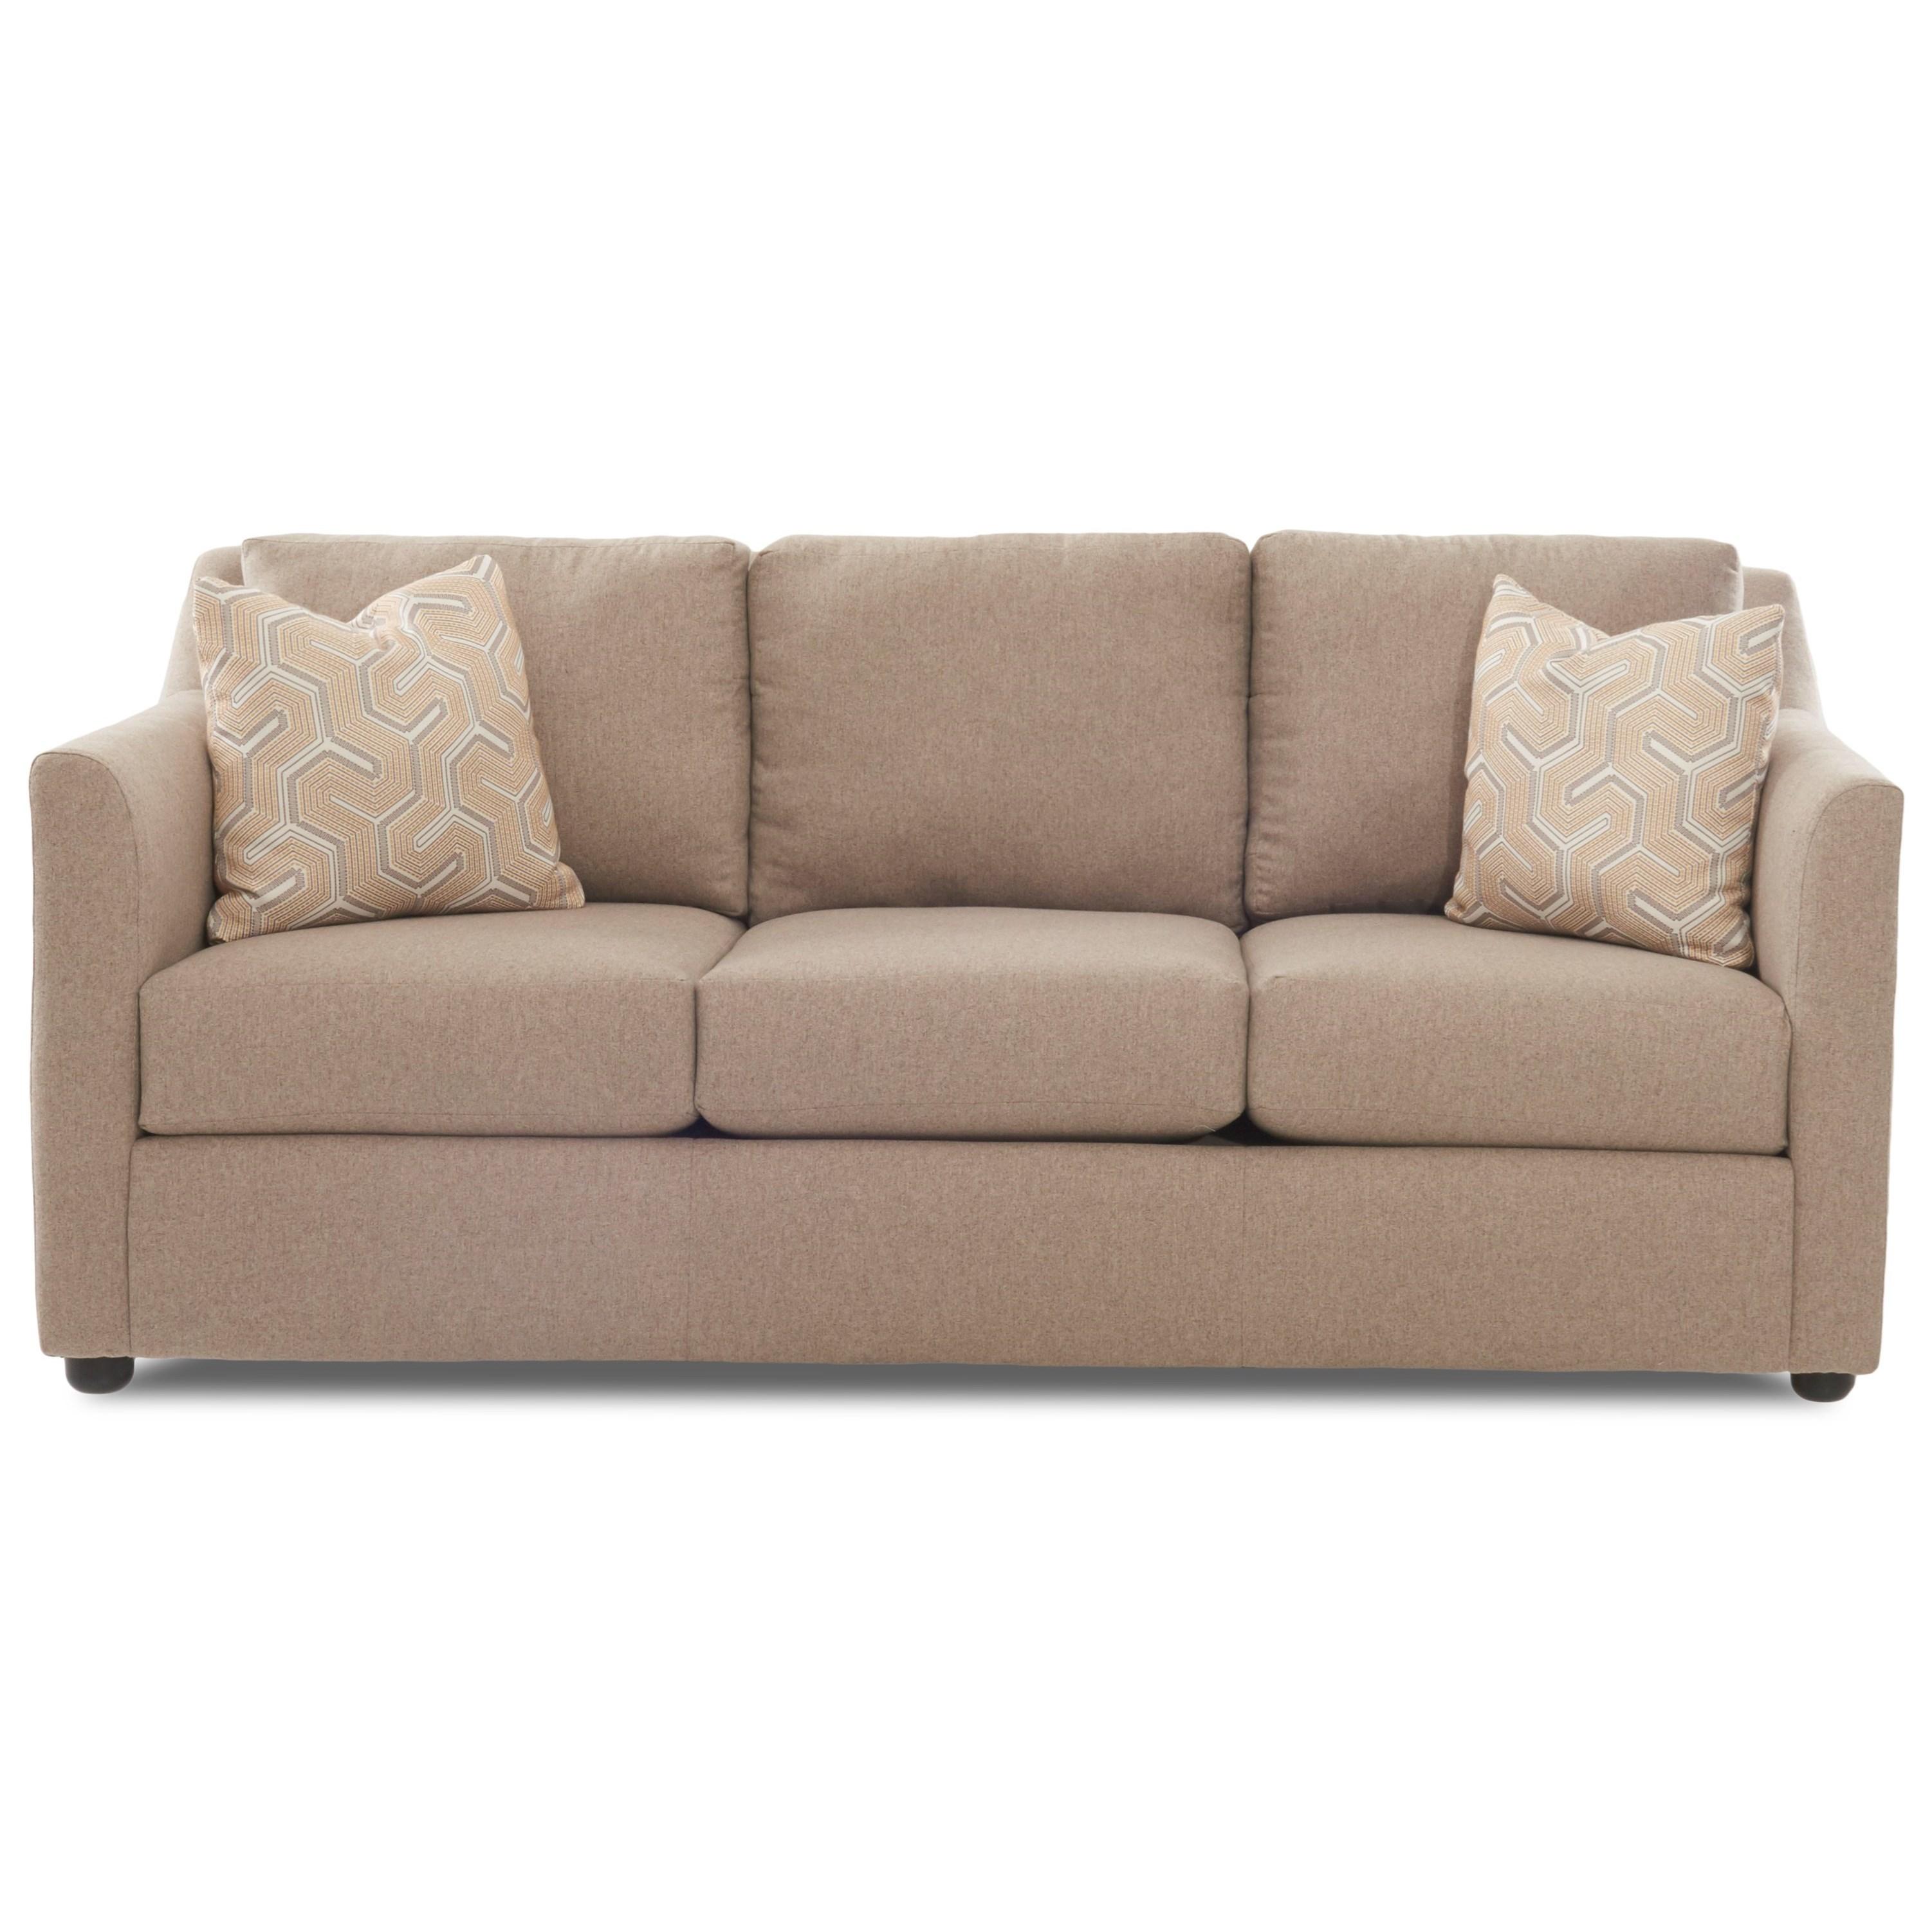 Air Coil Queen Sofa Sleeper